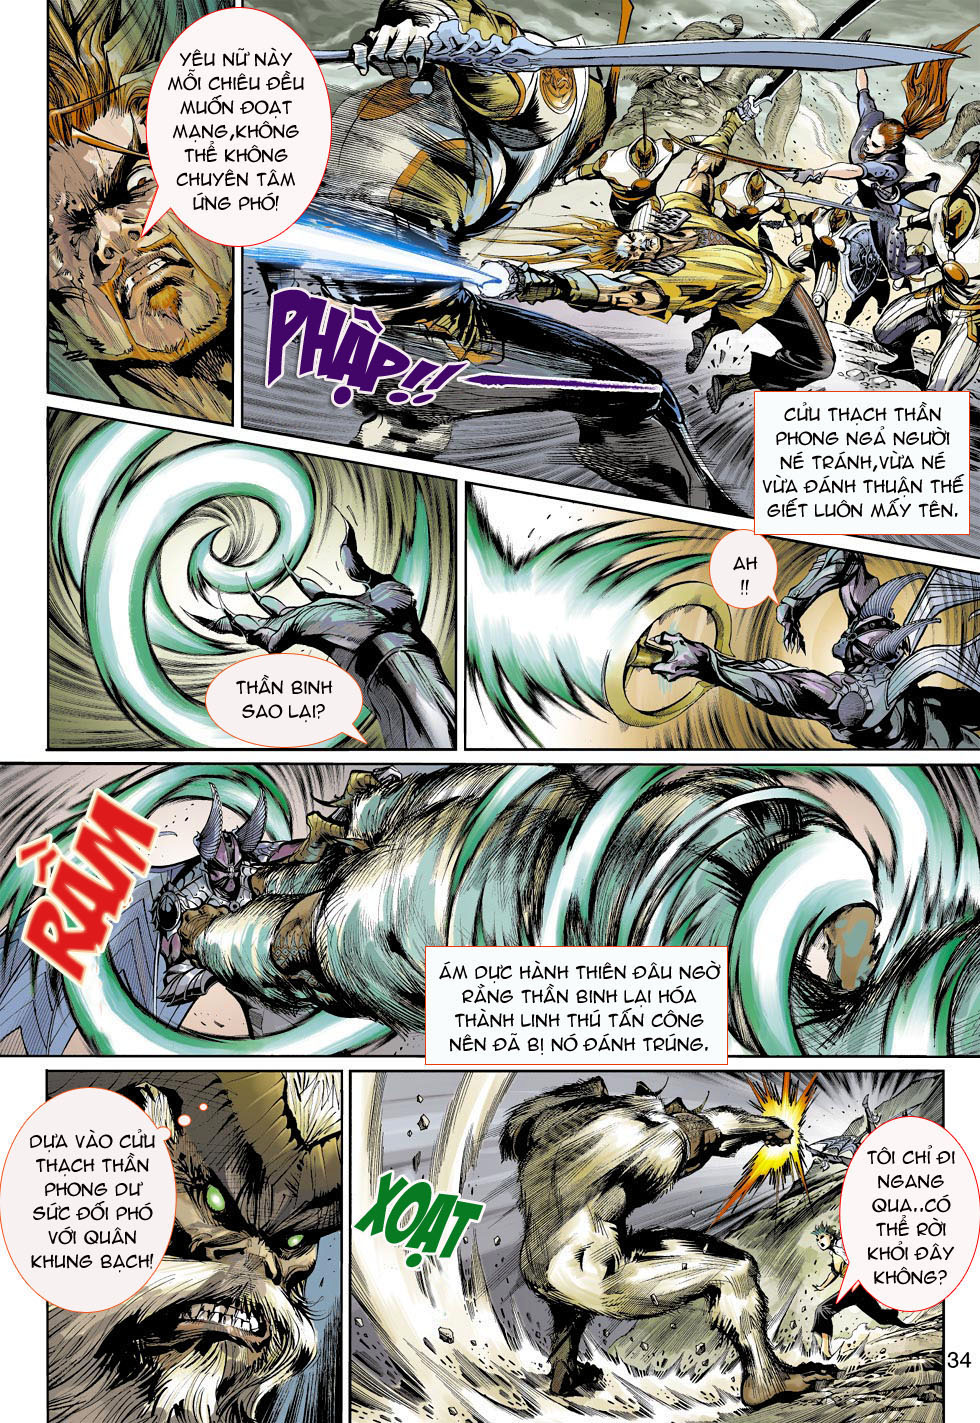 Thần Binh 4 chap 4 - Trang 34